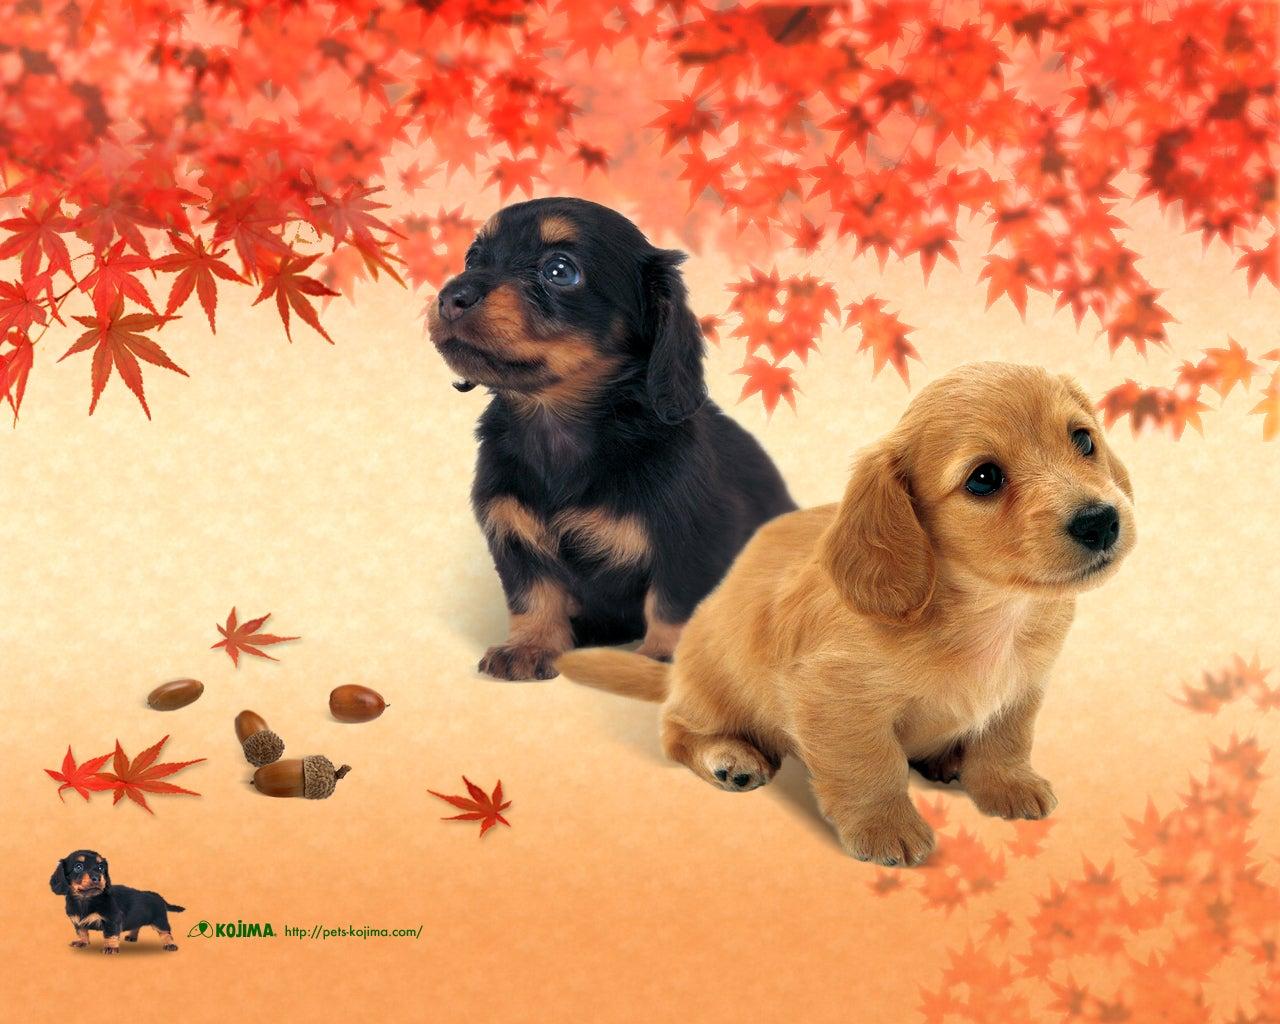 壁紙 犬 ペットショップのコジマ